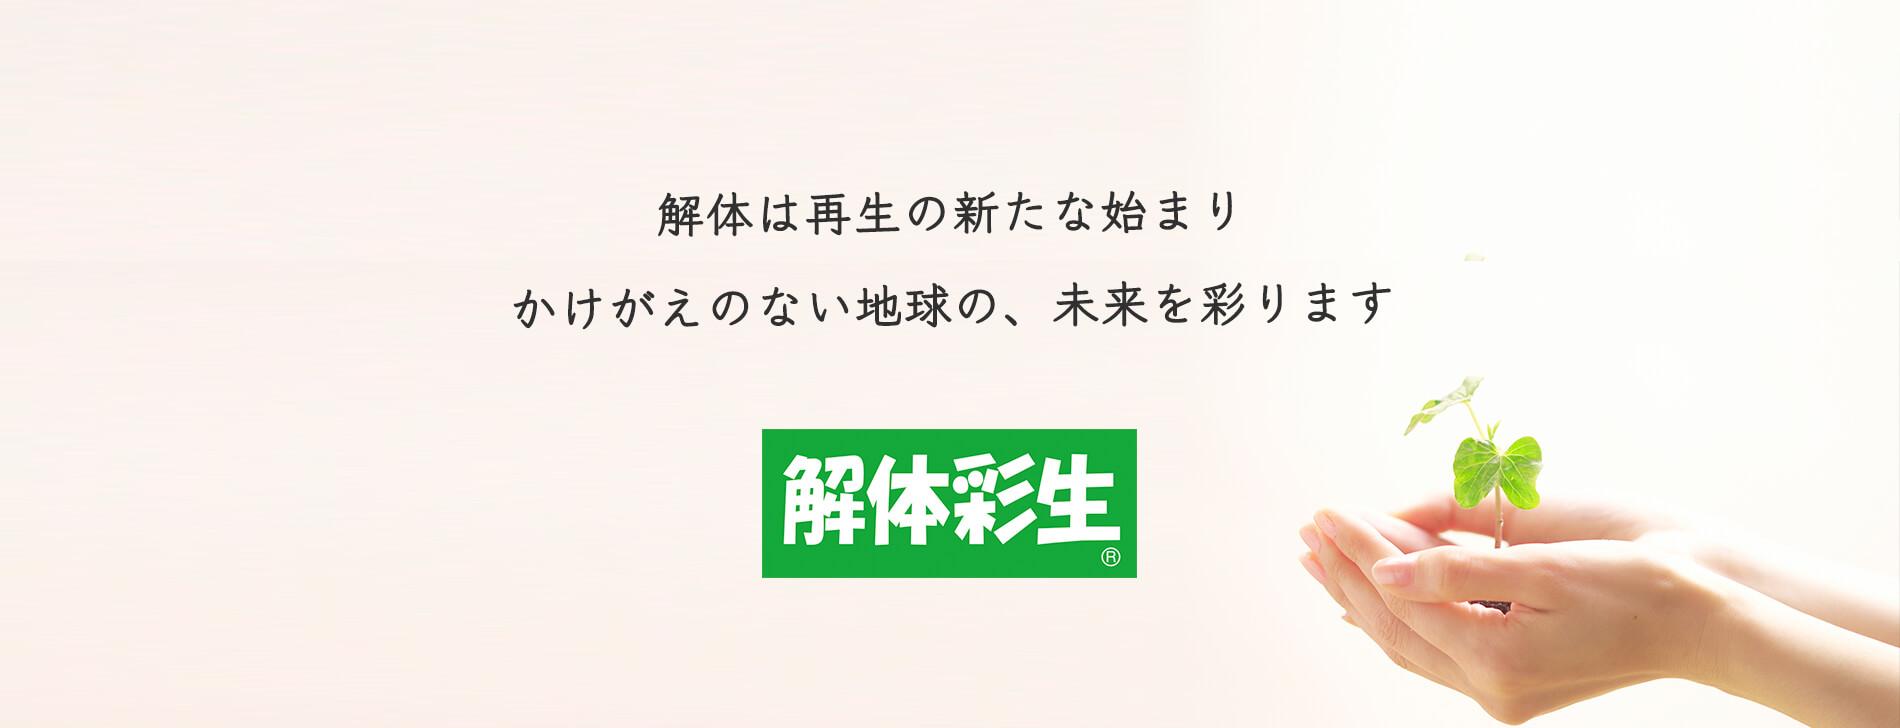 株式会社クワバラ・パンぷキン 解体再生